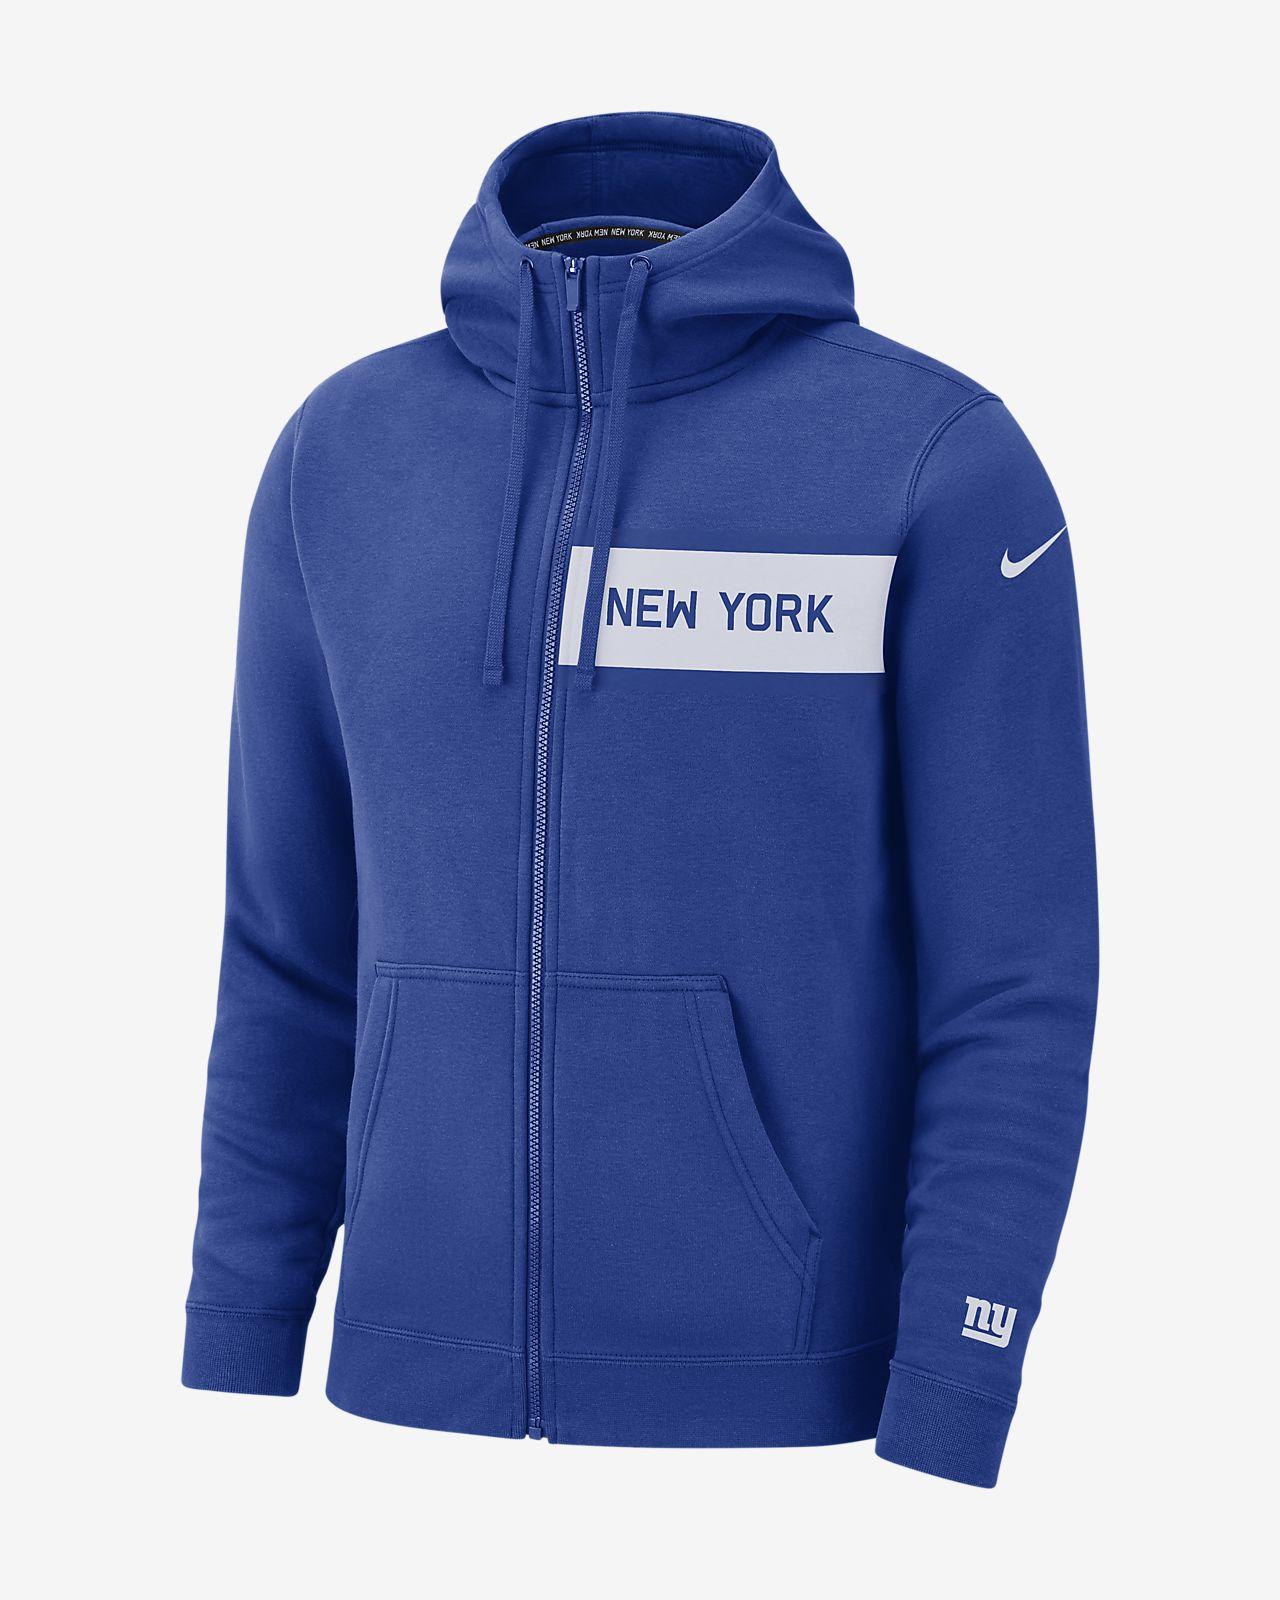 Nike (NFL Giants) Men's Club Fleece Full-Zip Hoodie